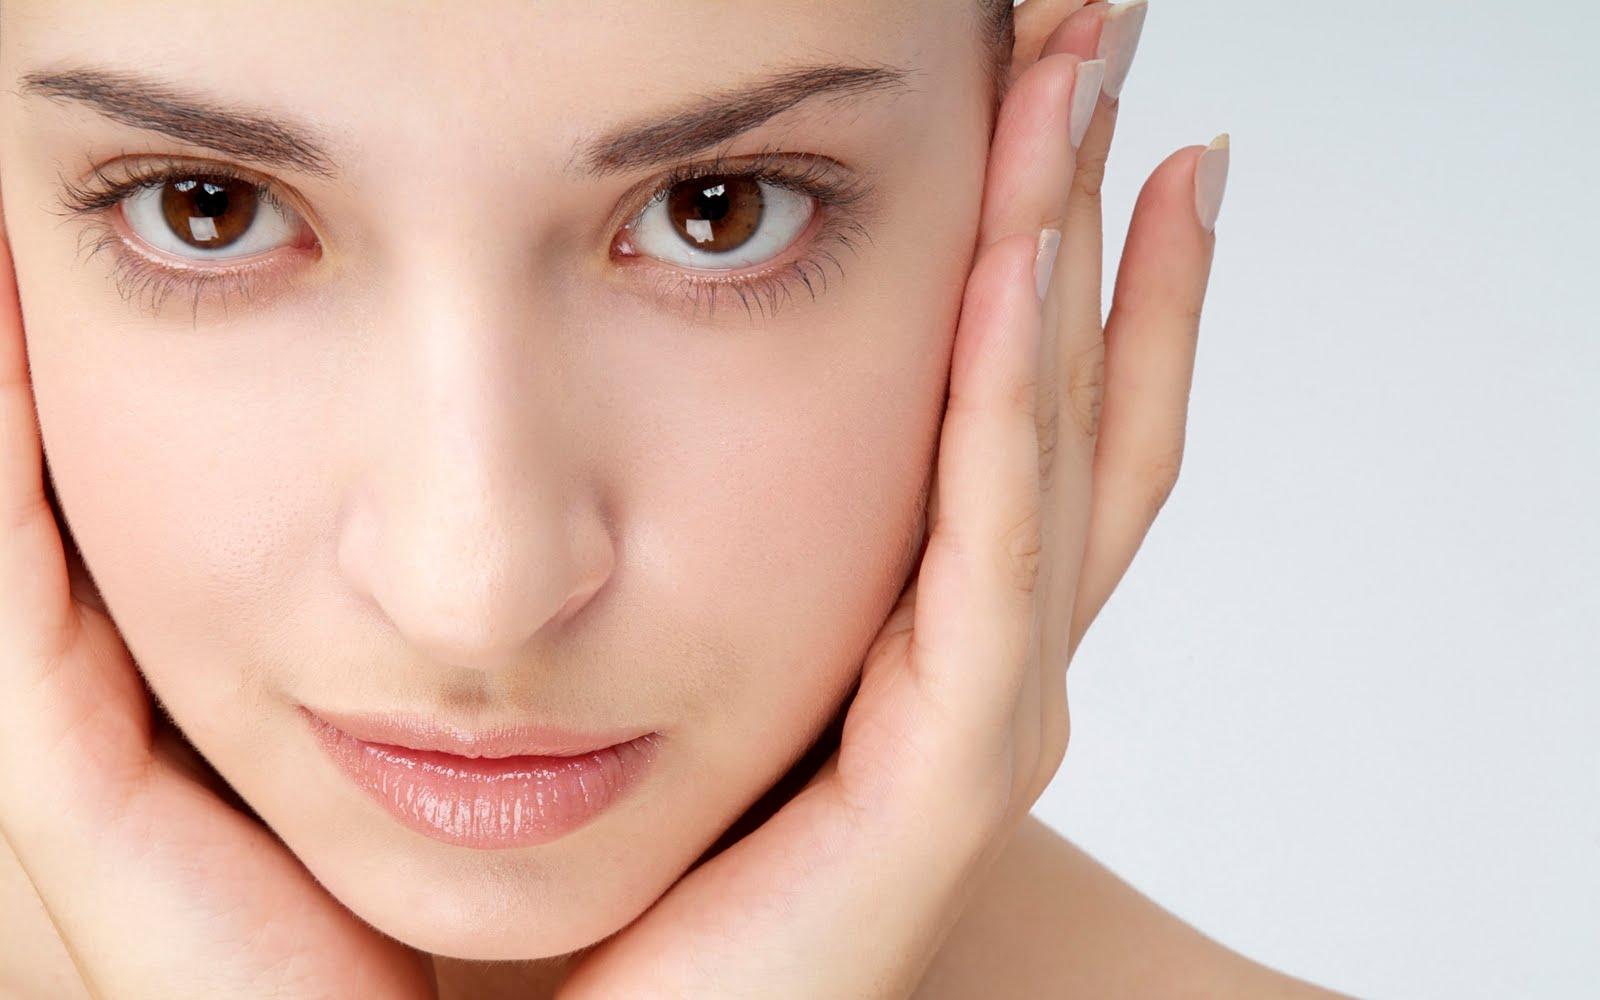 6 cách làm căng da vùng mắt hiệu quả